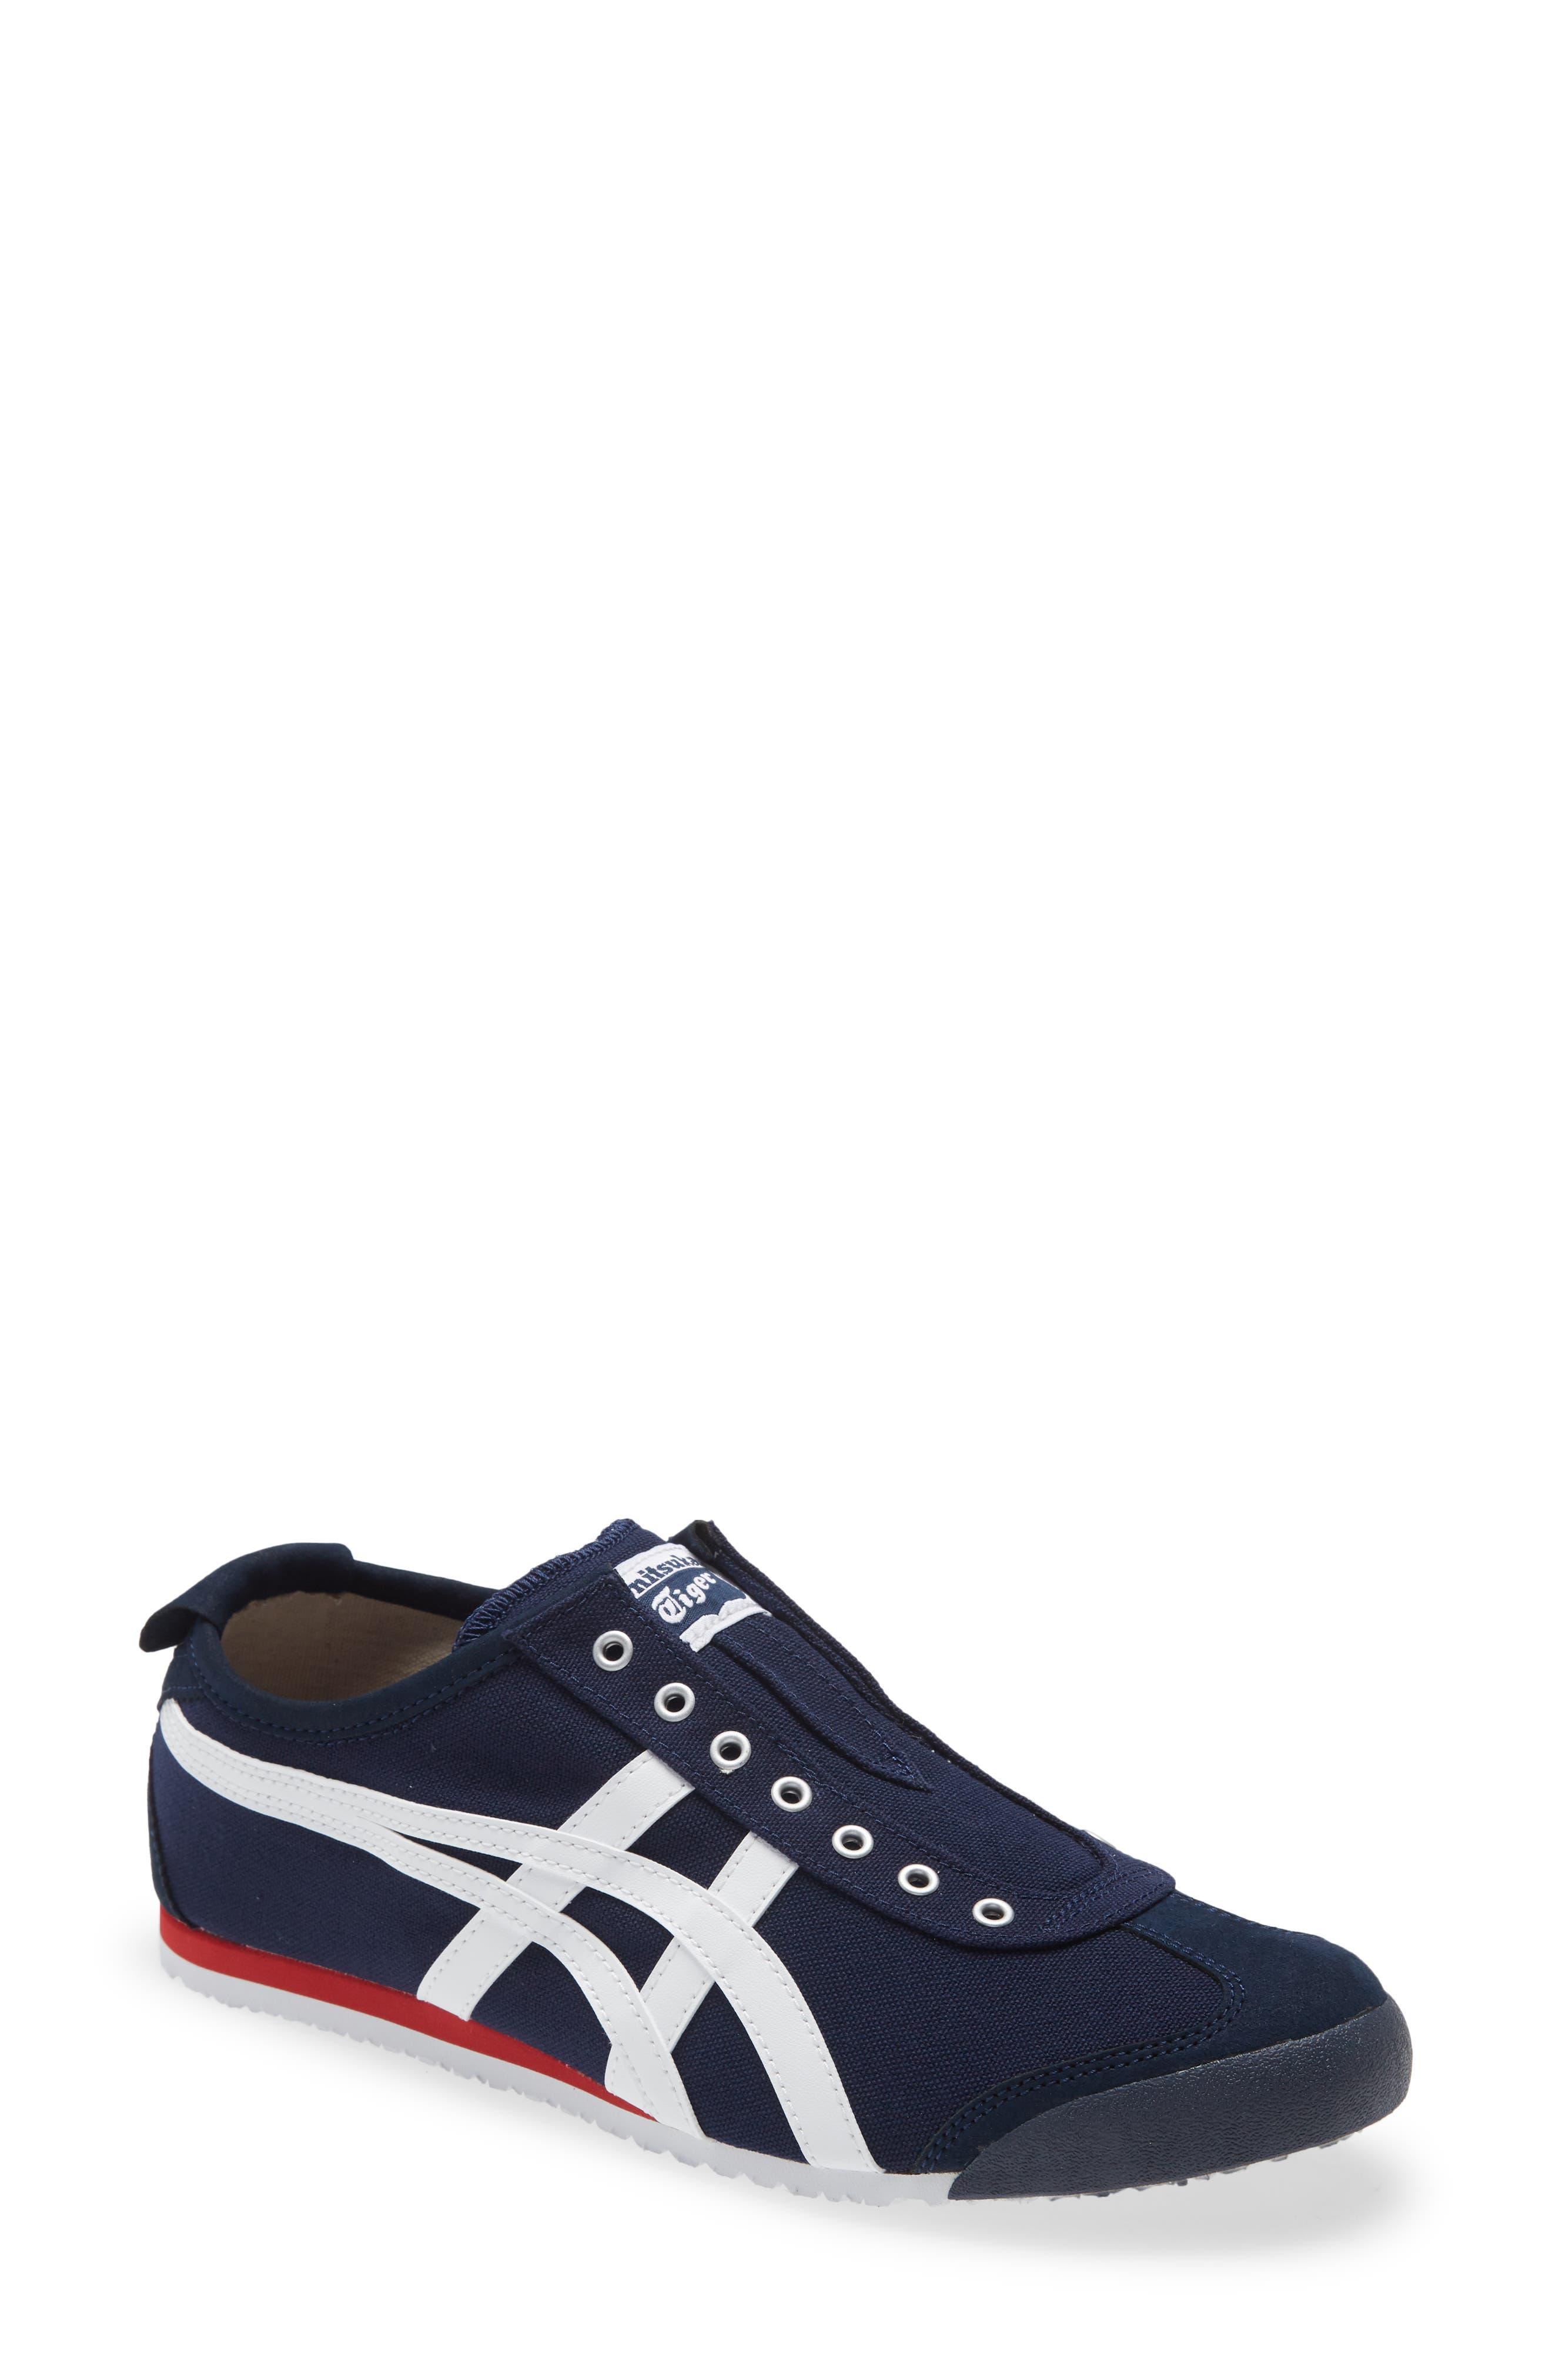 Men's Onitsuka Tiger™ Shoes   Nordstrom